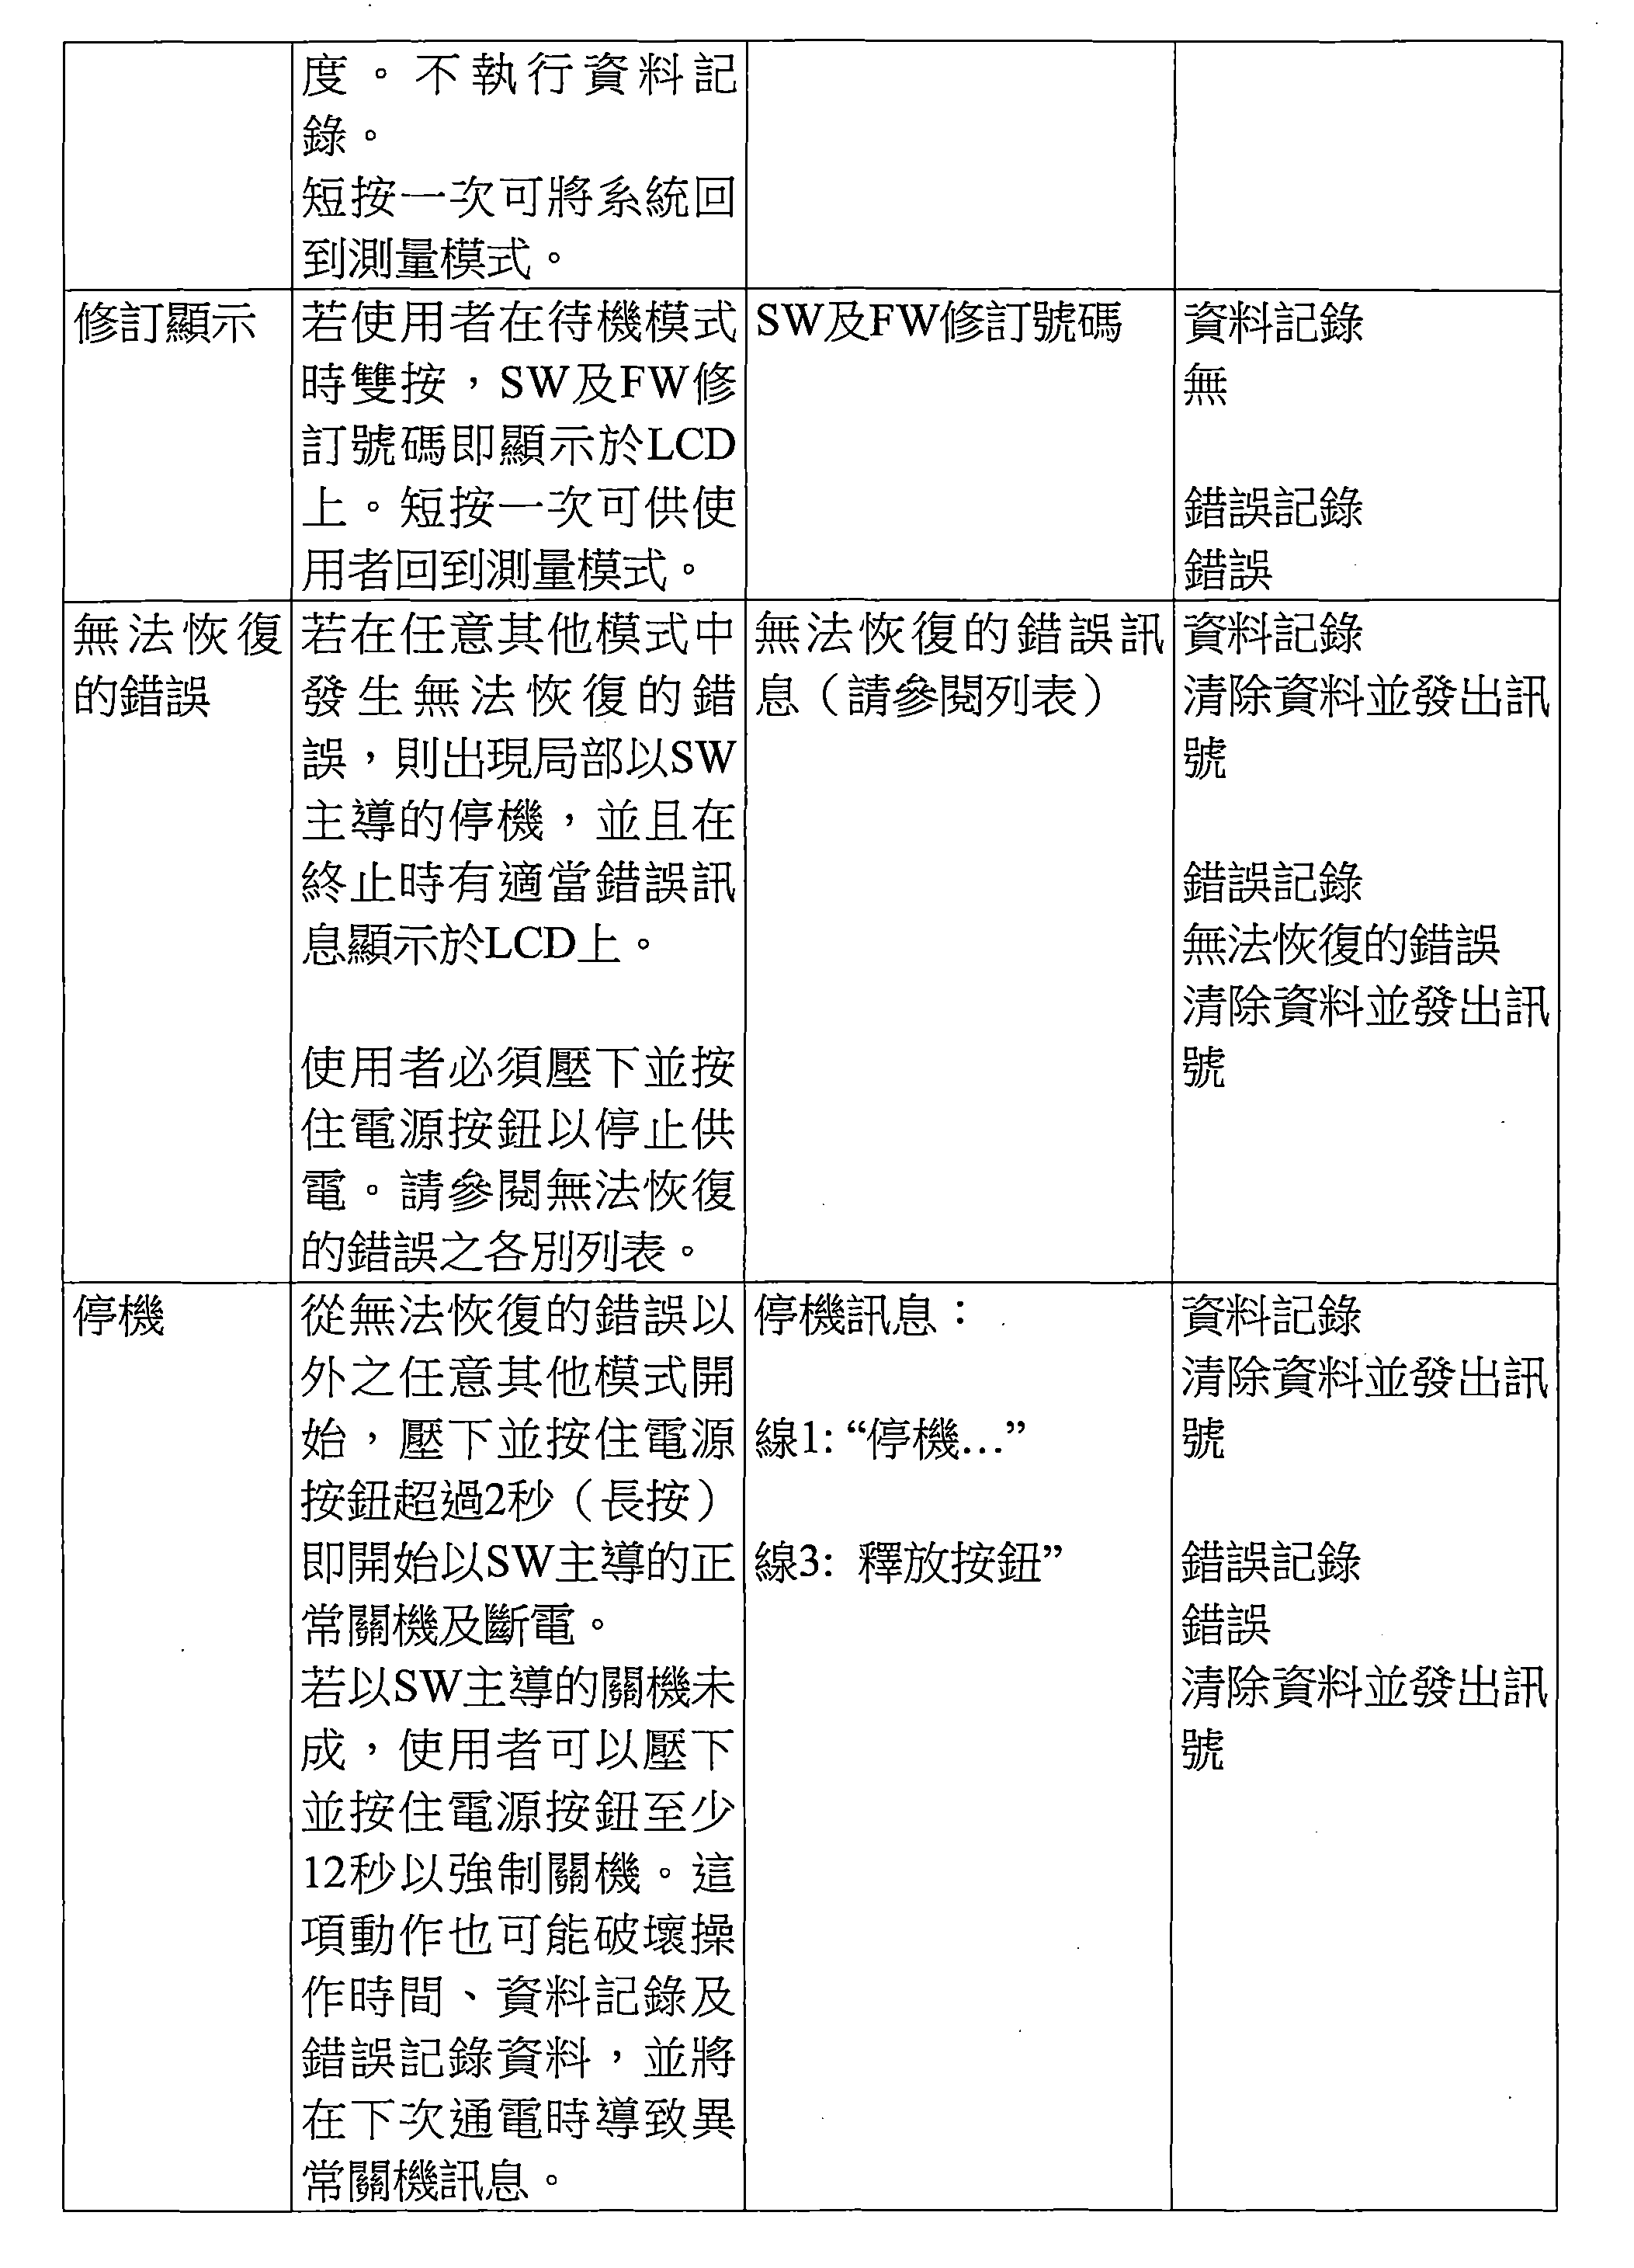 Figure TW201803523AD00003